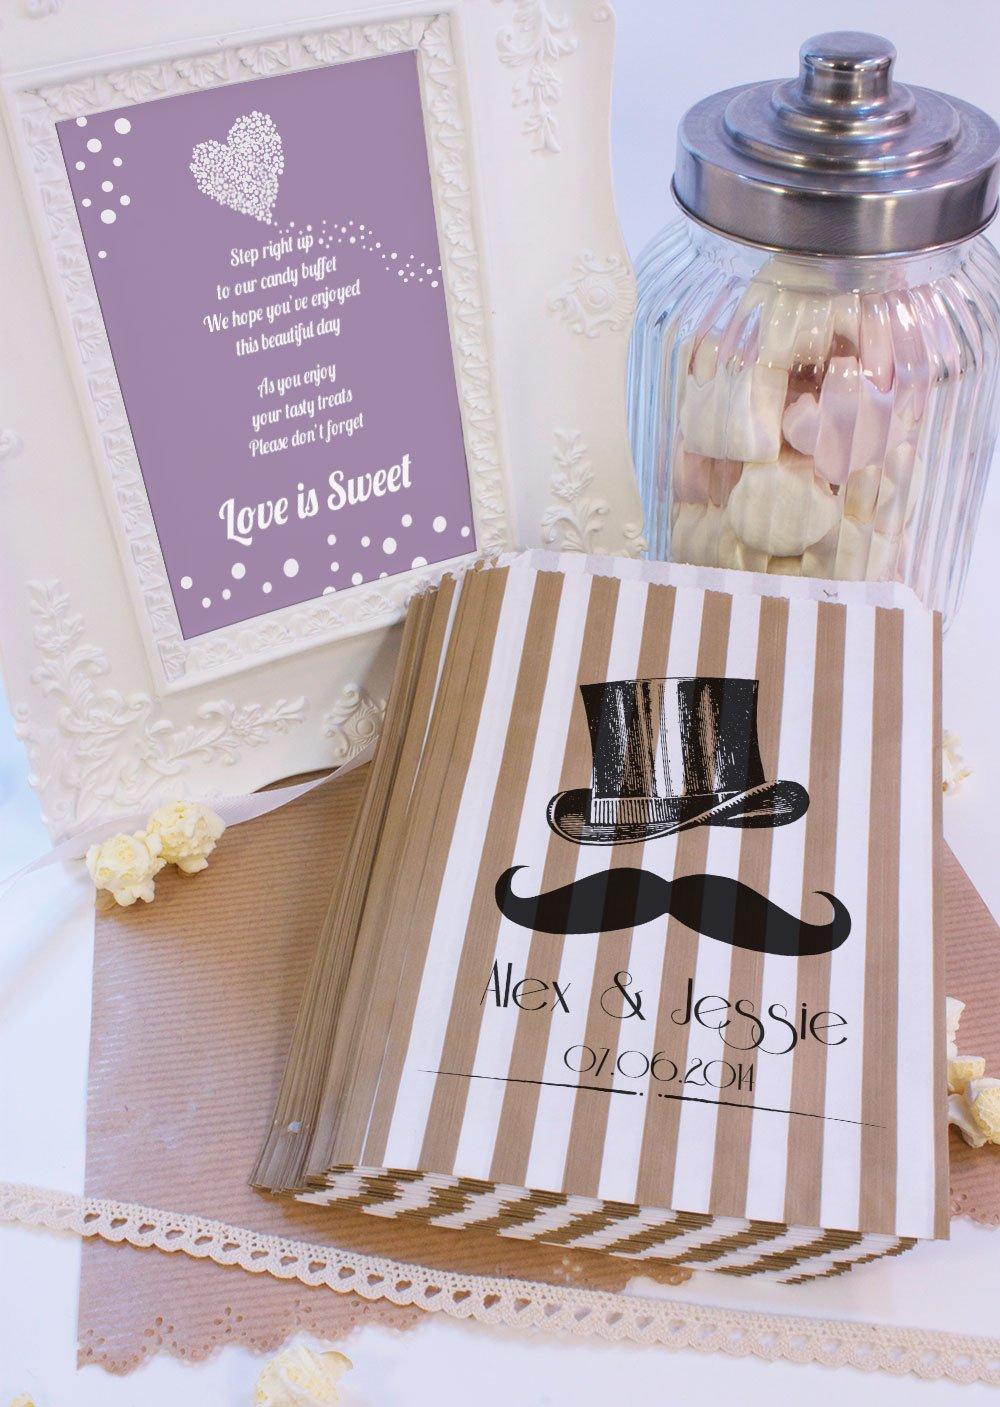 Personalizado boda bolsas de dulces sombrero bigote Candy carro favor de la boda confeti Engagement: Amazon.es: Hogar